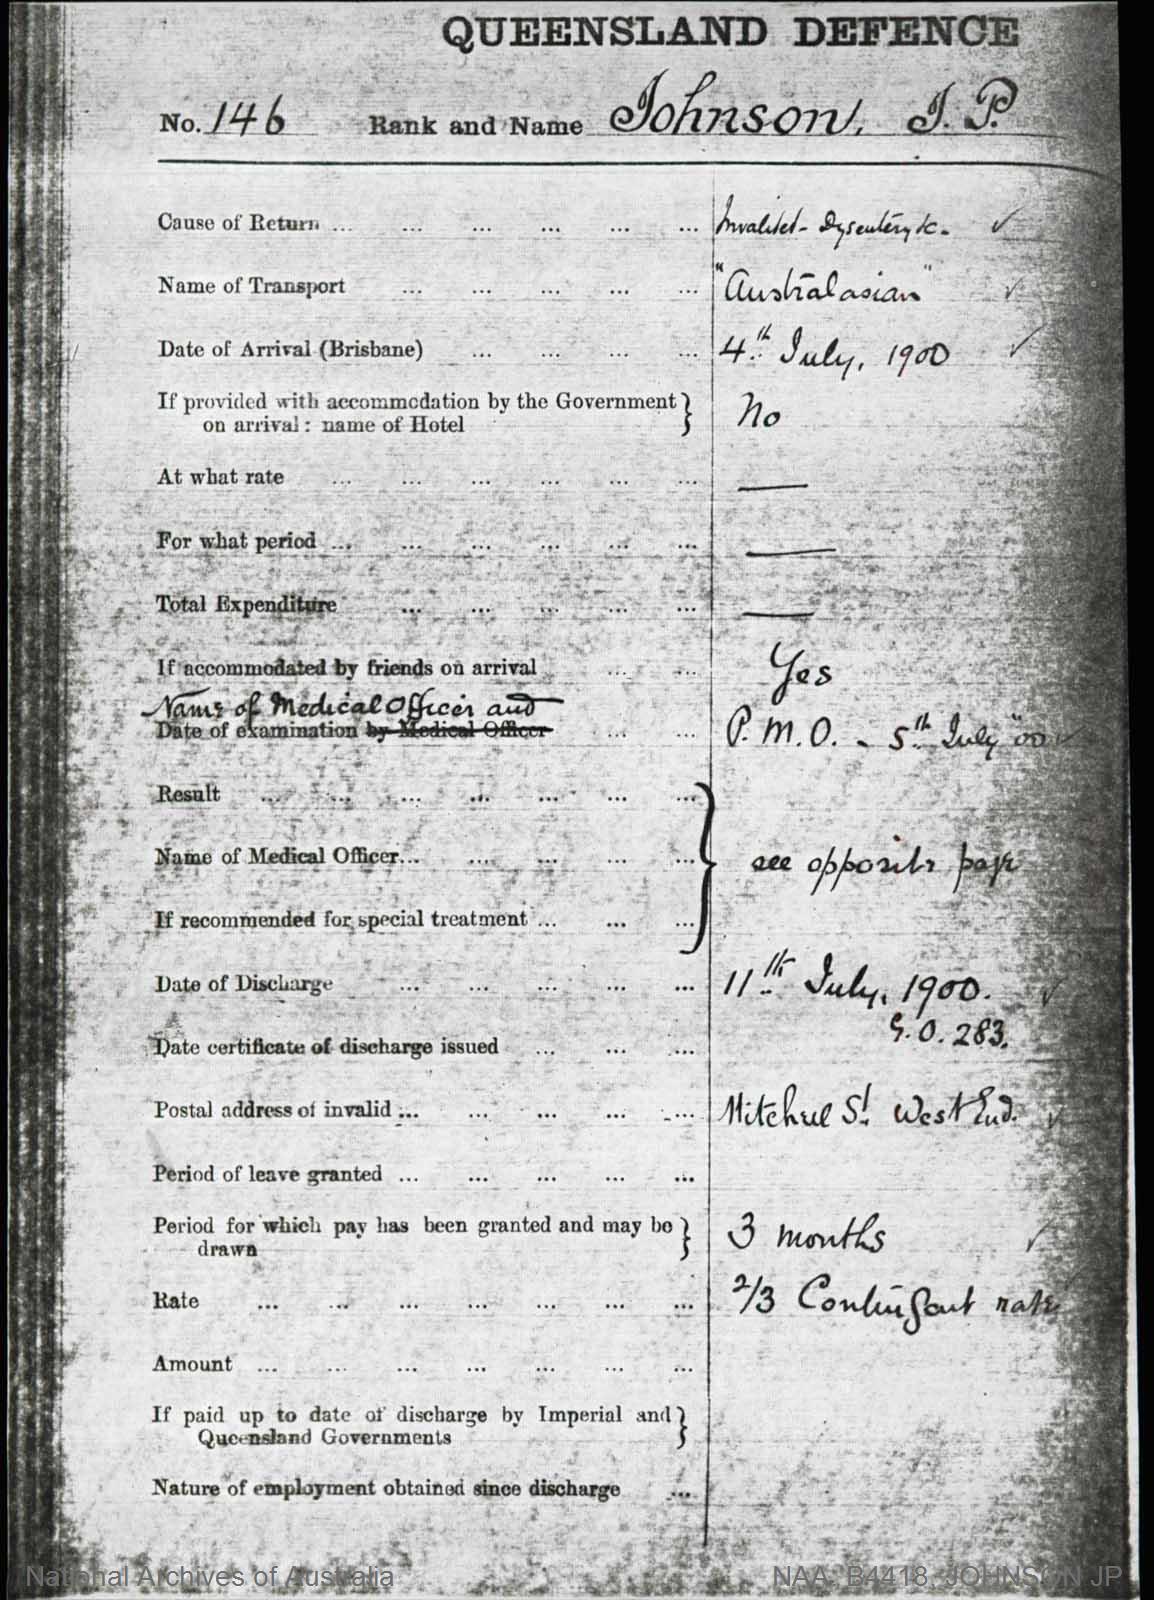 JOHNSON, JP [Regimental No.146] joined 5-7-1900 - Boer War Dossier